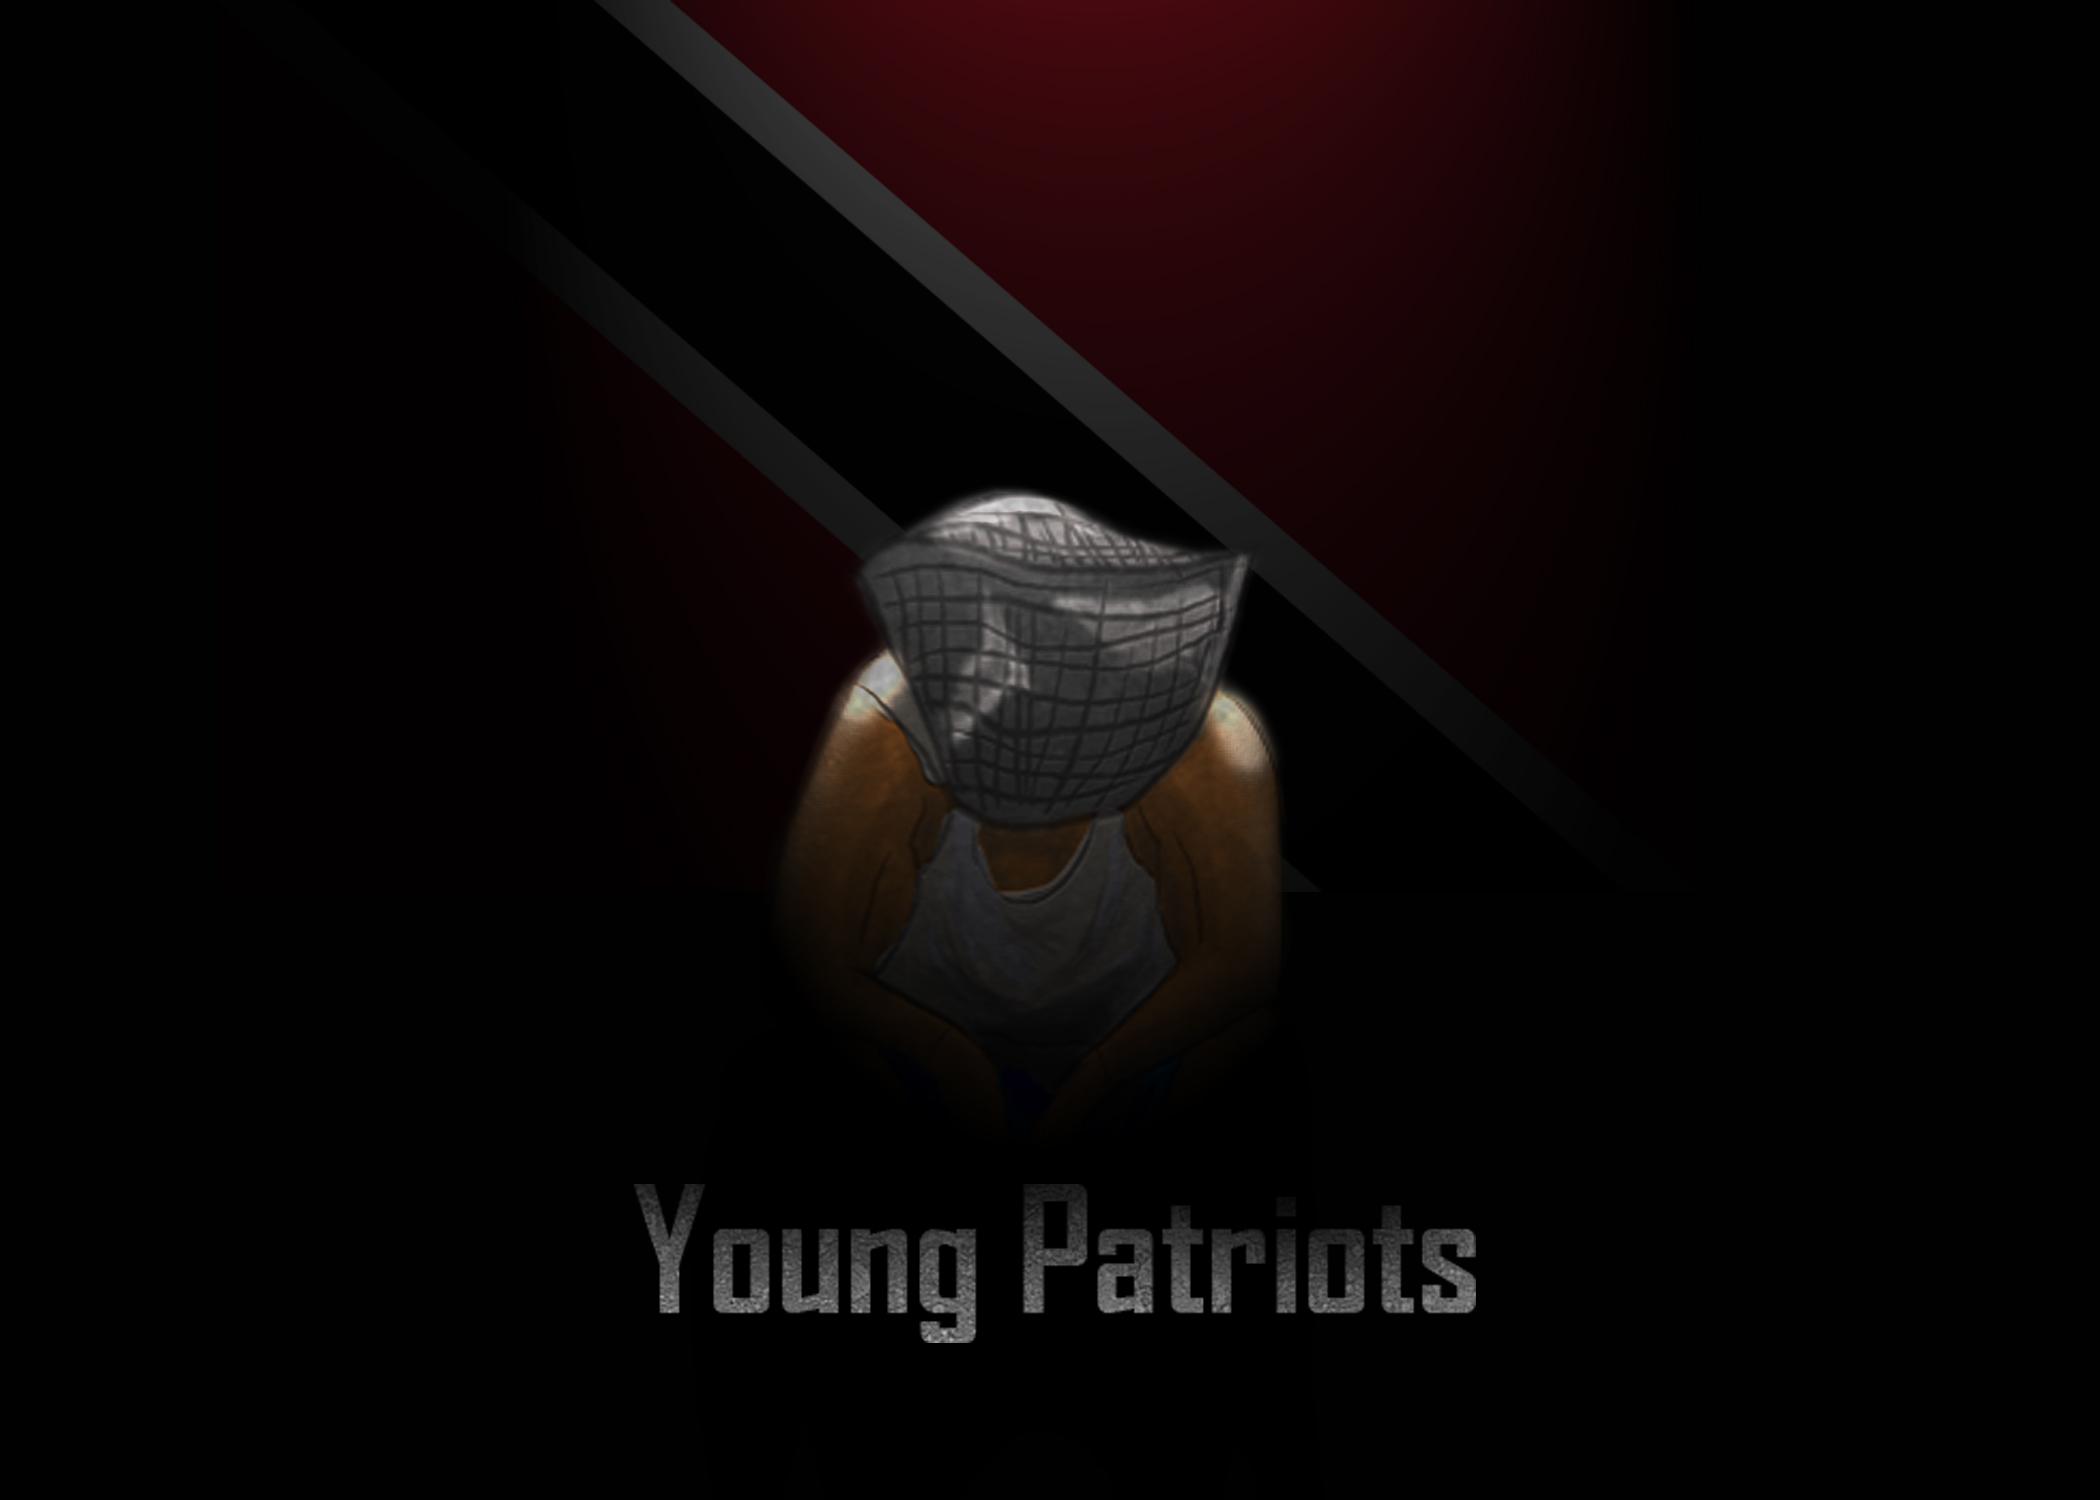 Young Patriots